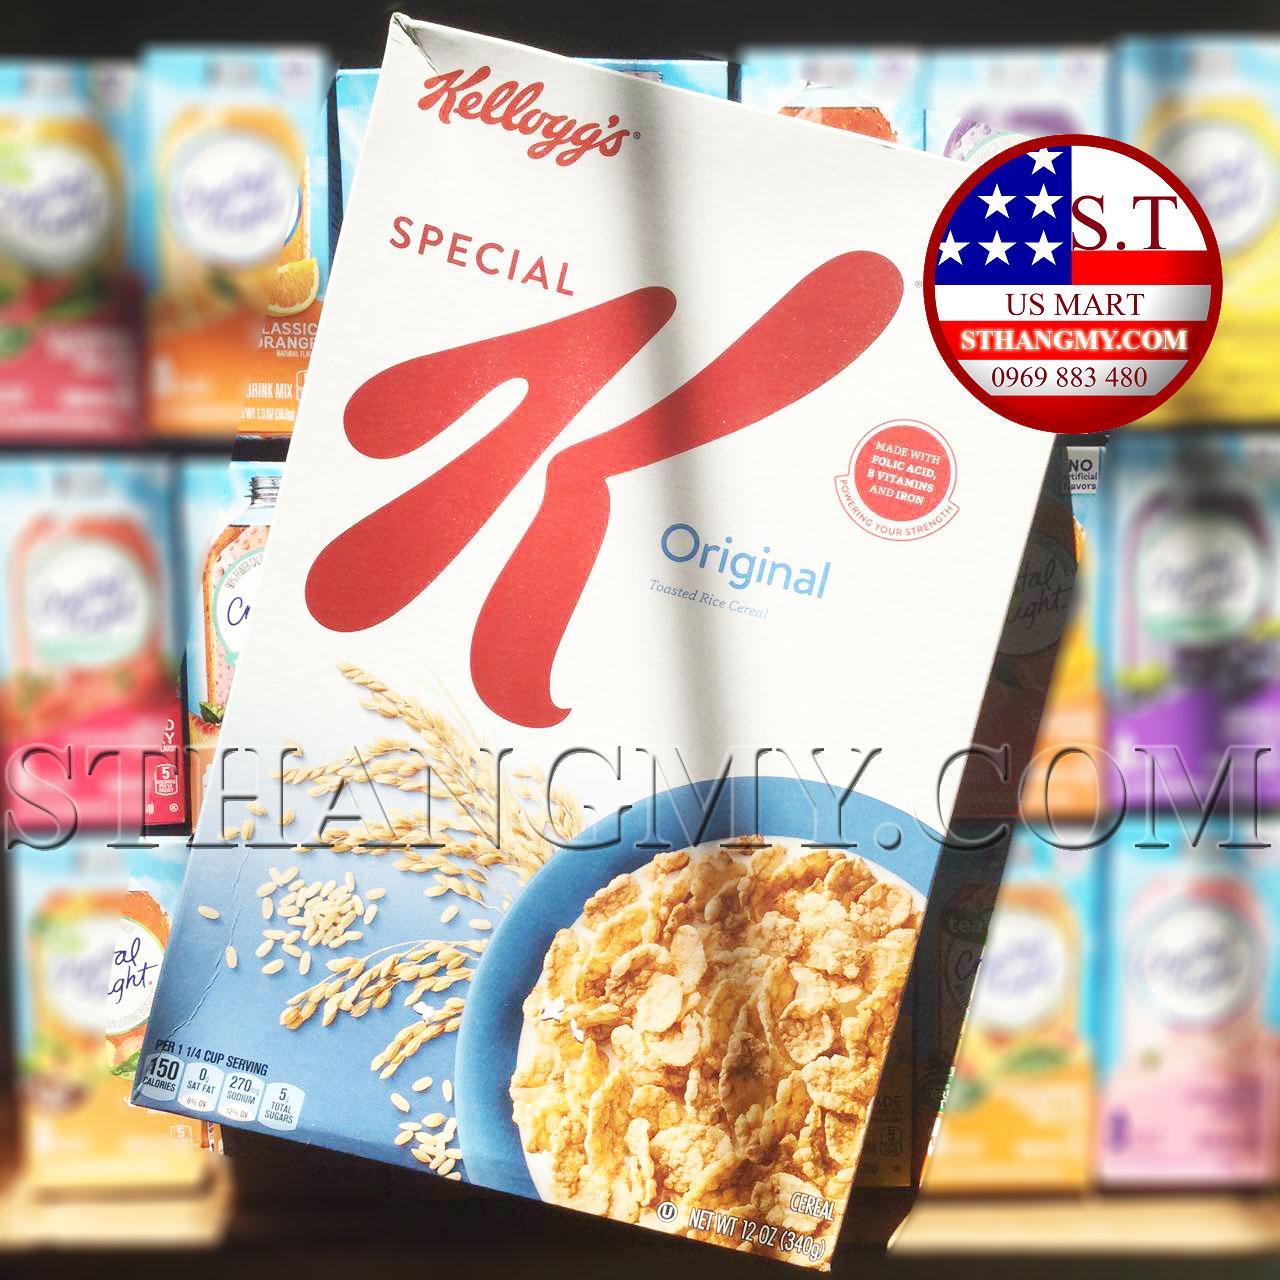 Ngũ cốc ăn sáng Kellogg's Original ít đường của Mỹ 340g